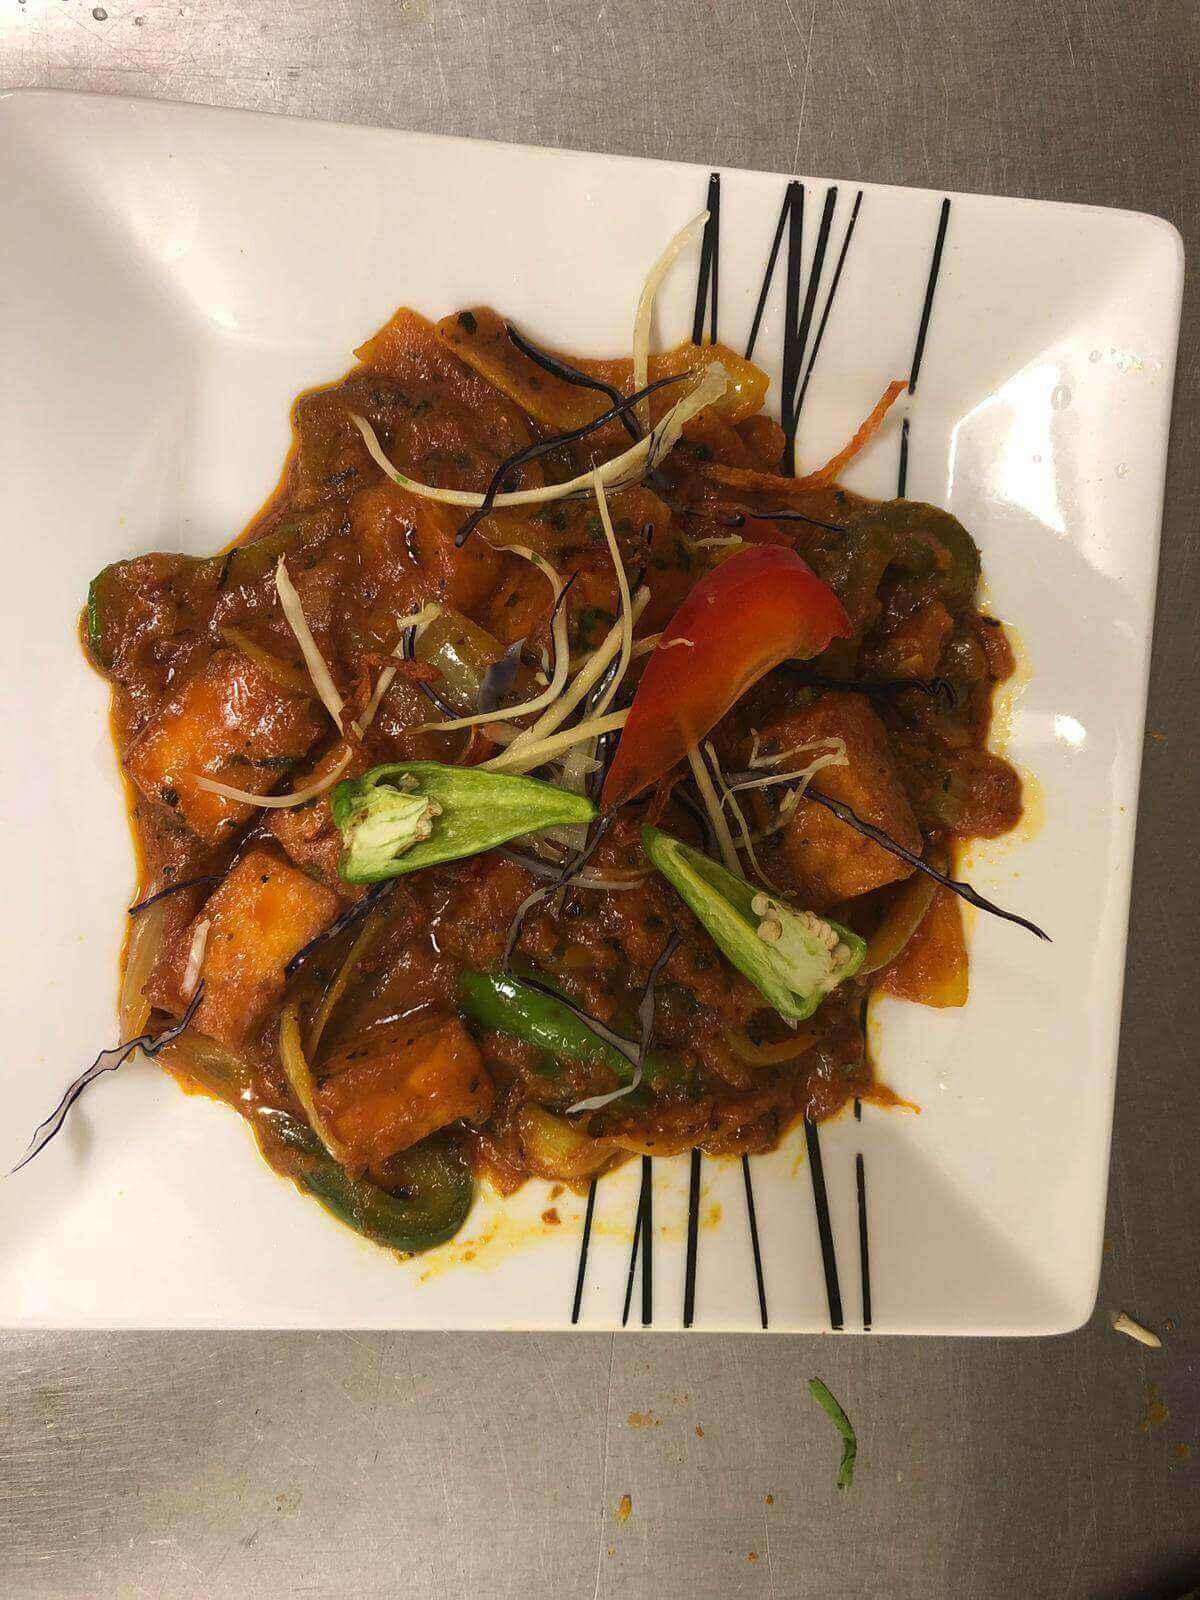 7. Takeaway Indian food khans restaurant battersea sw11